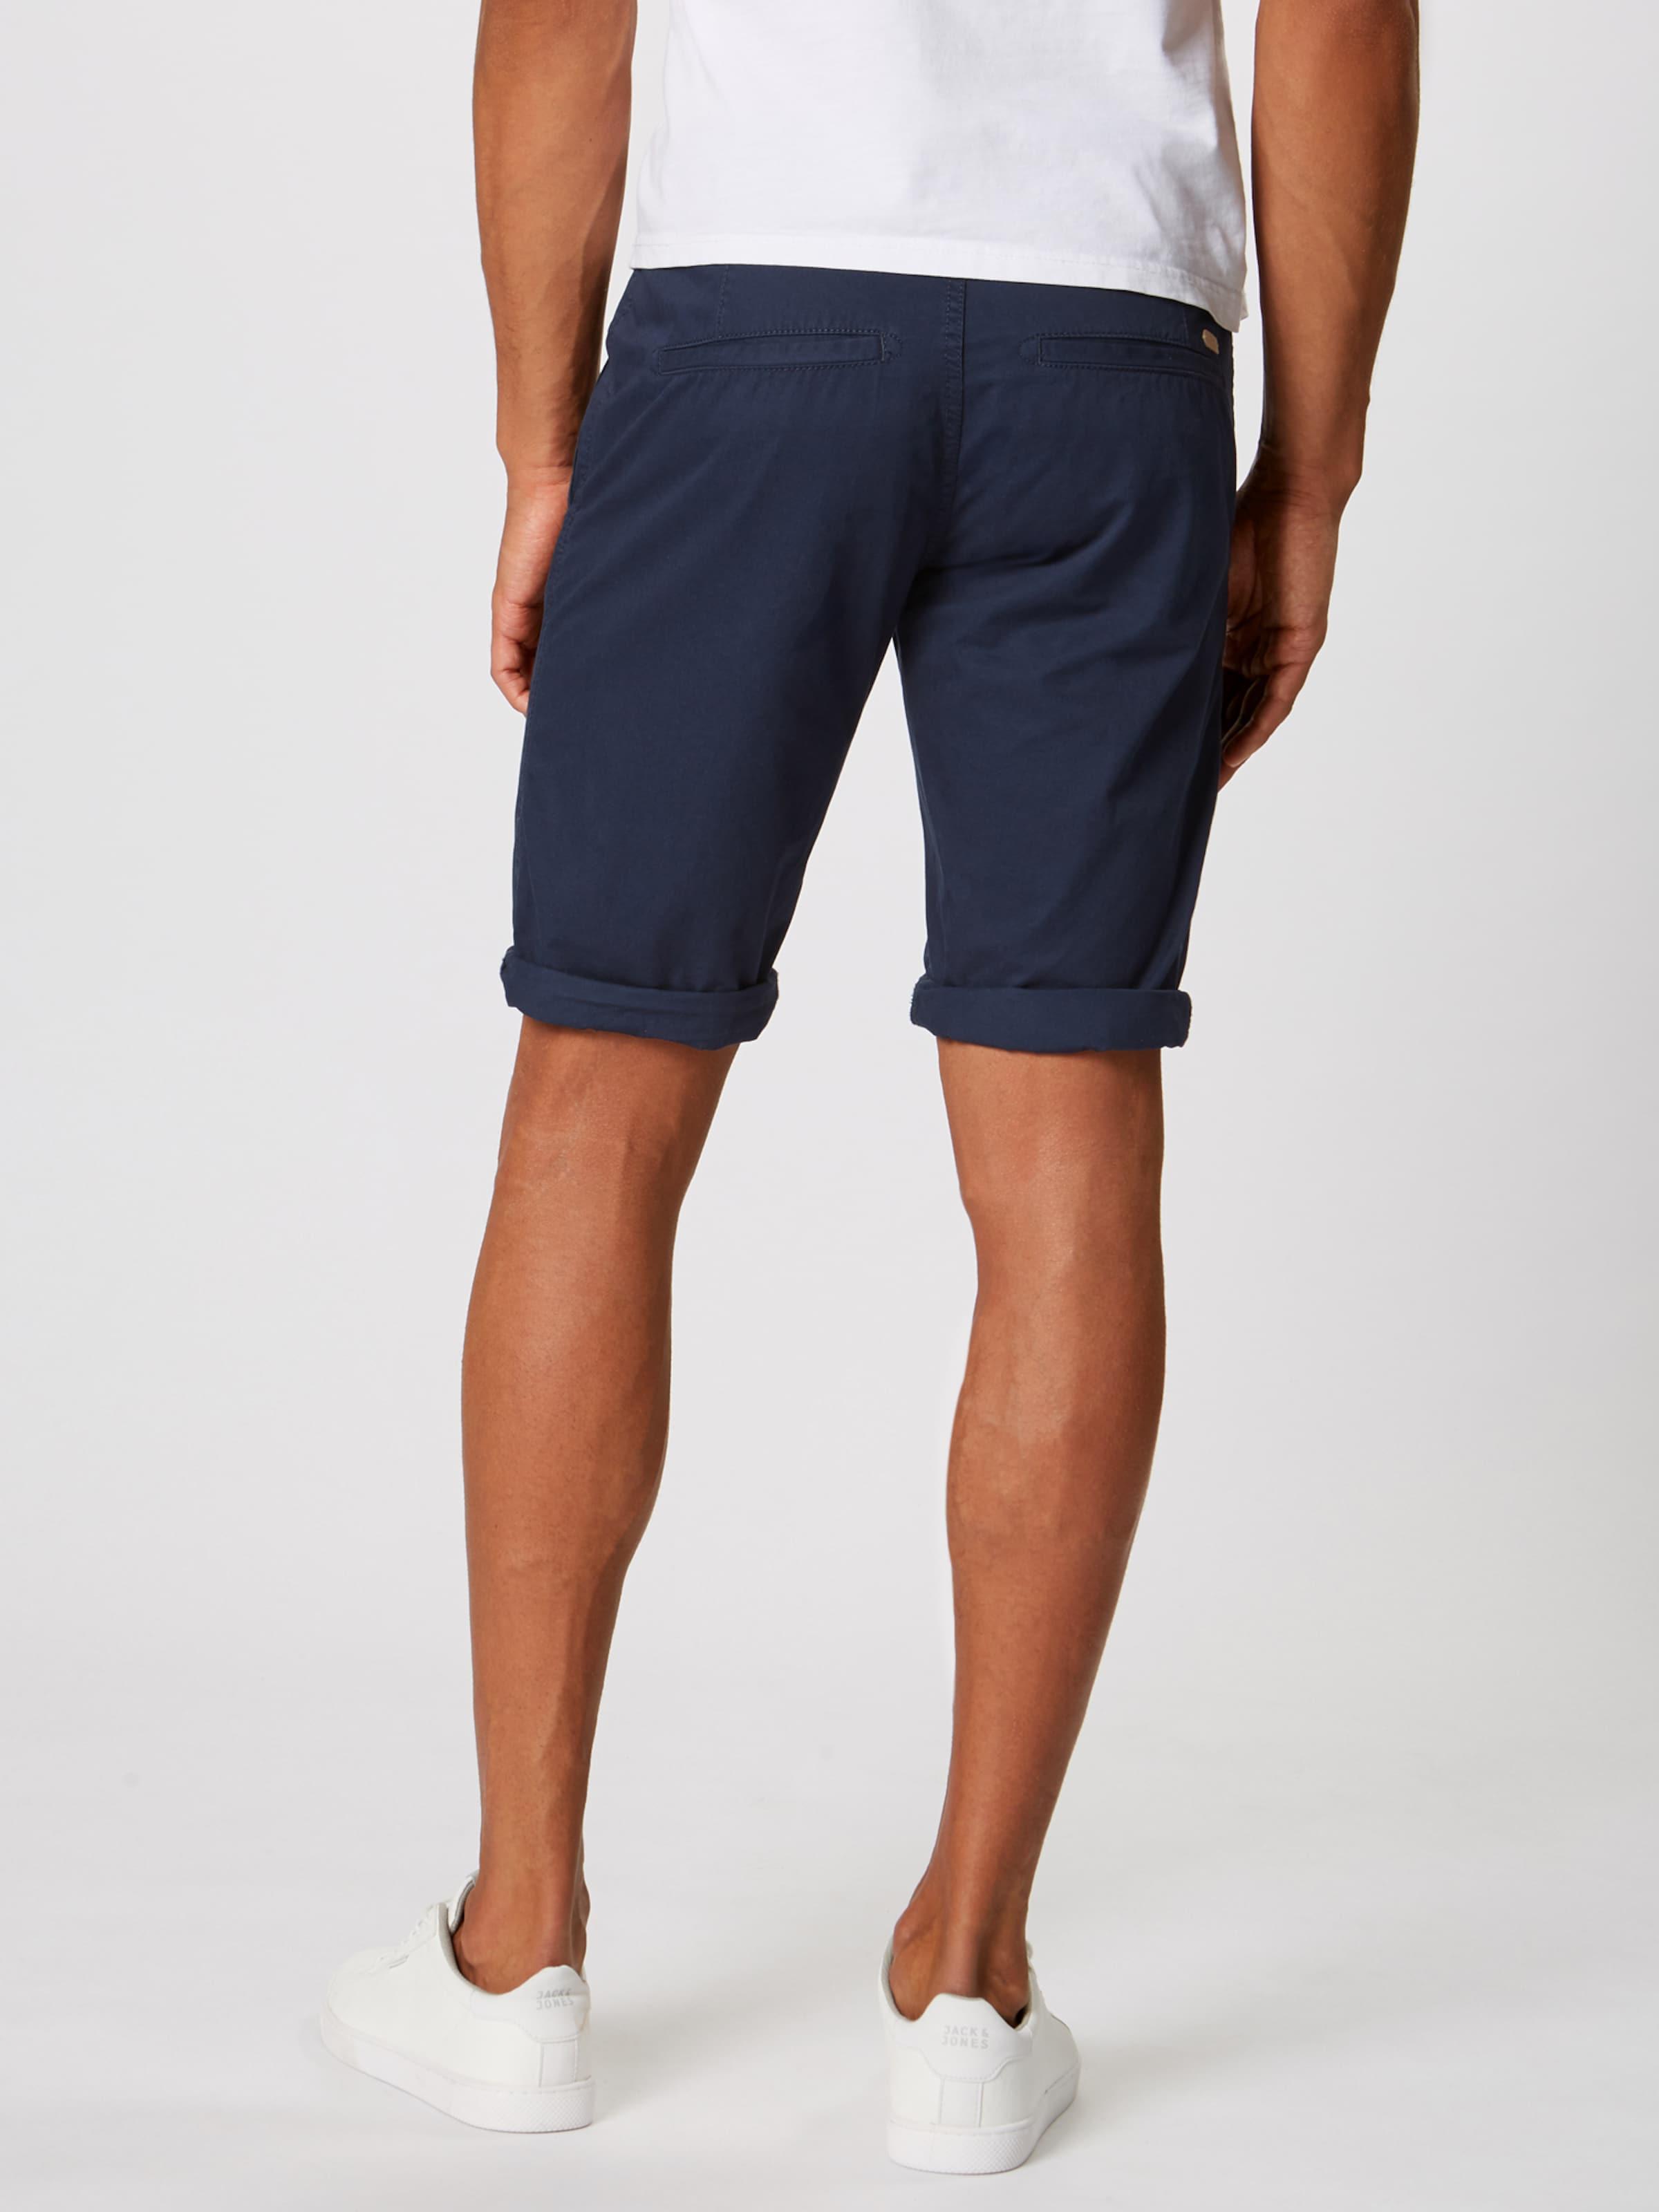 Pantalon En Esprit Bleu Marine Edc By Chino kwXN80PnOZ